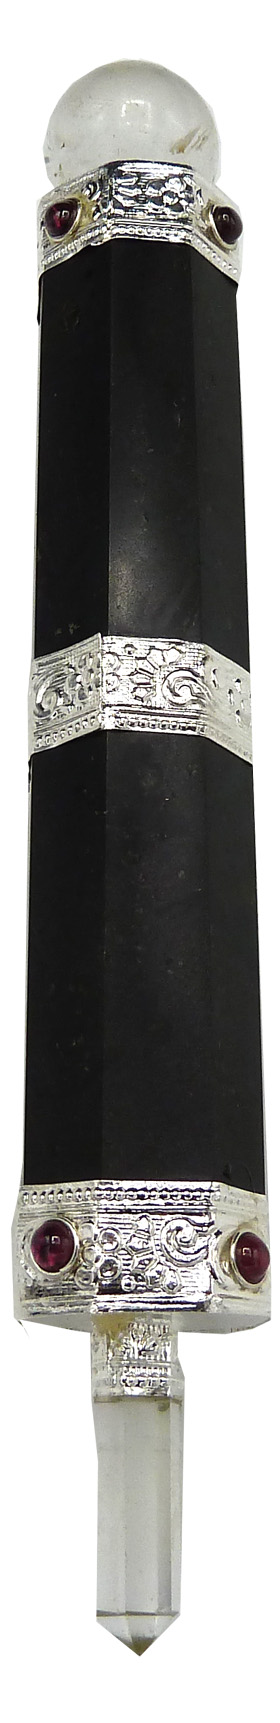 Bâton de soin tourmaline noire 15cm